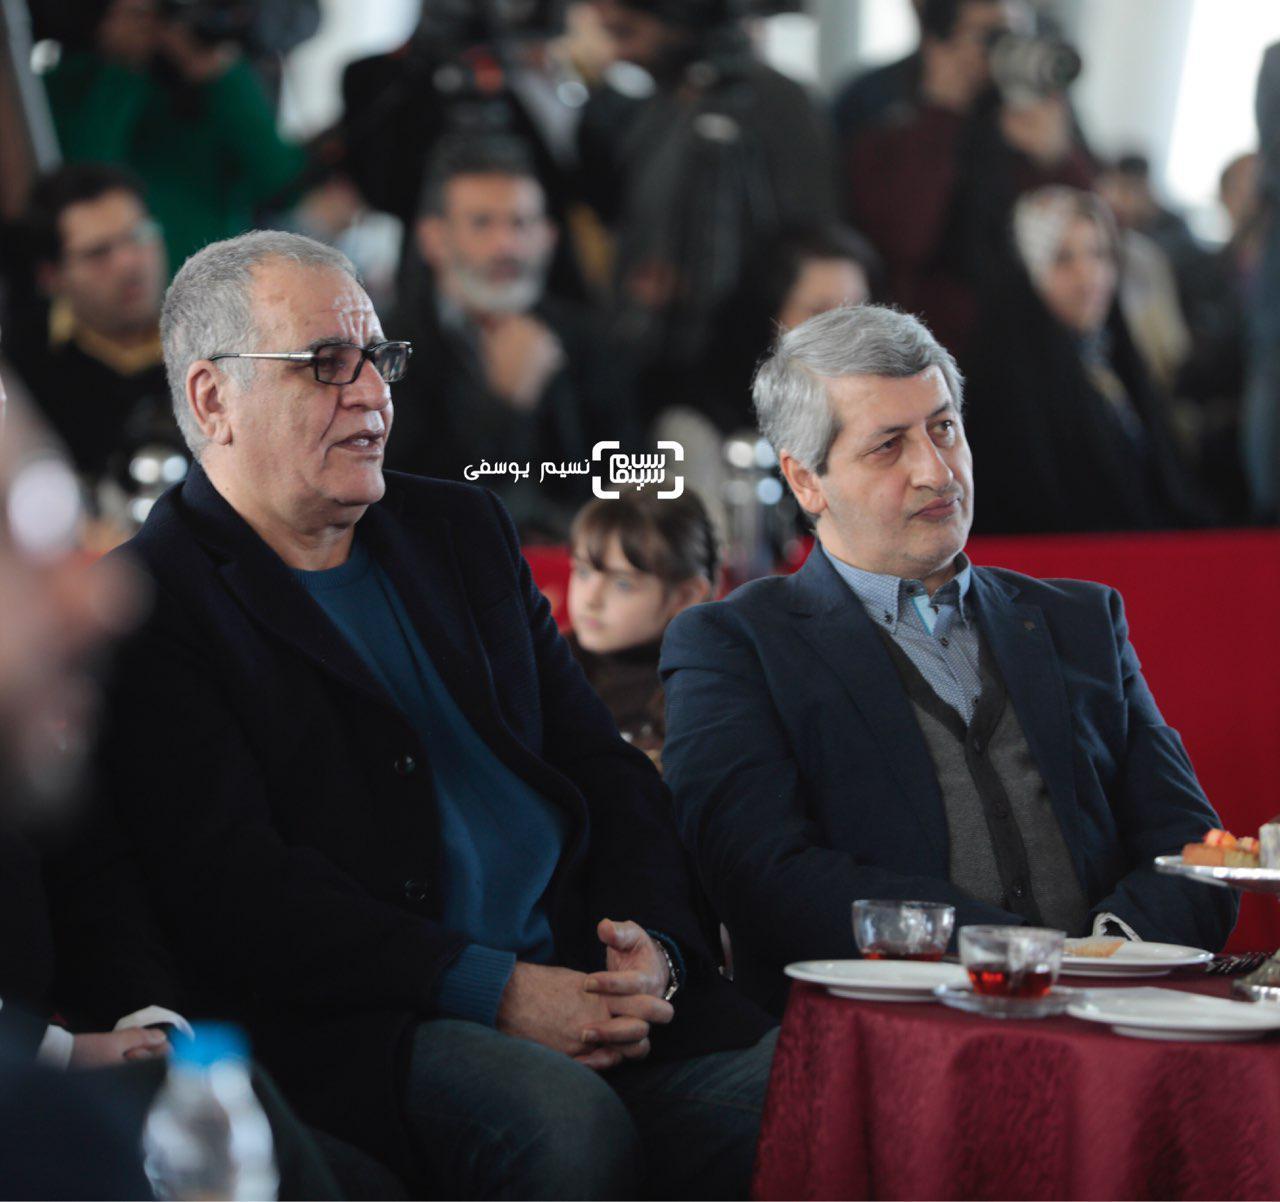 قرعه کشی برنامه نمایش فیلمهای جشنواره فجر 37/ گزارش تصویری